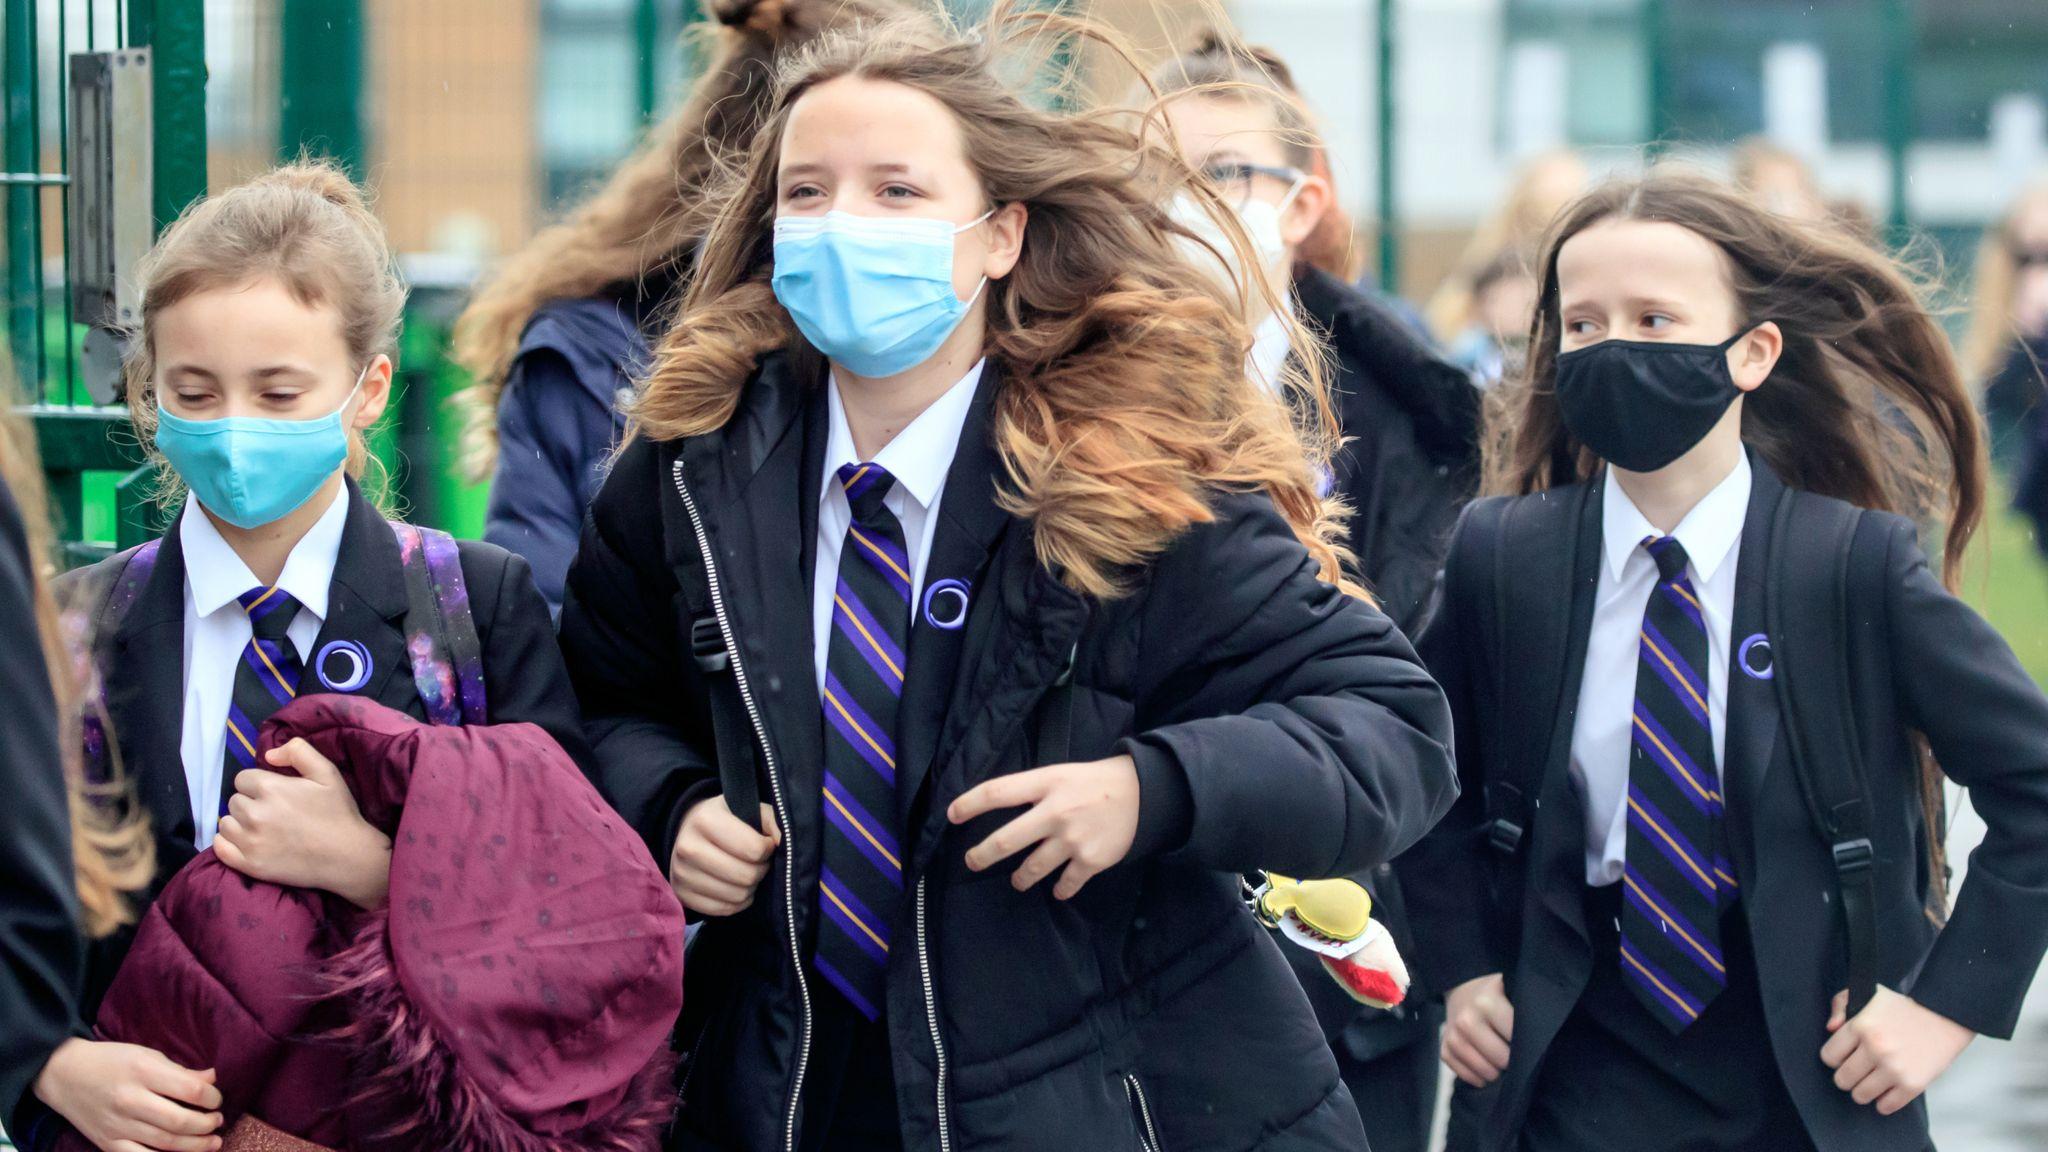 Gran Bretagna, no ai vaccini under 16: infiammazioni cardiache, rischio da non correre